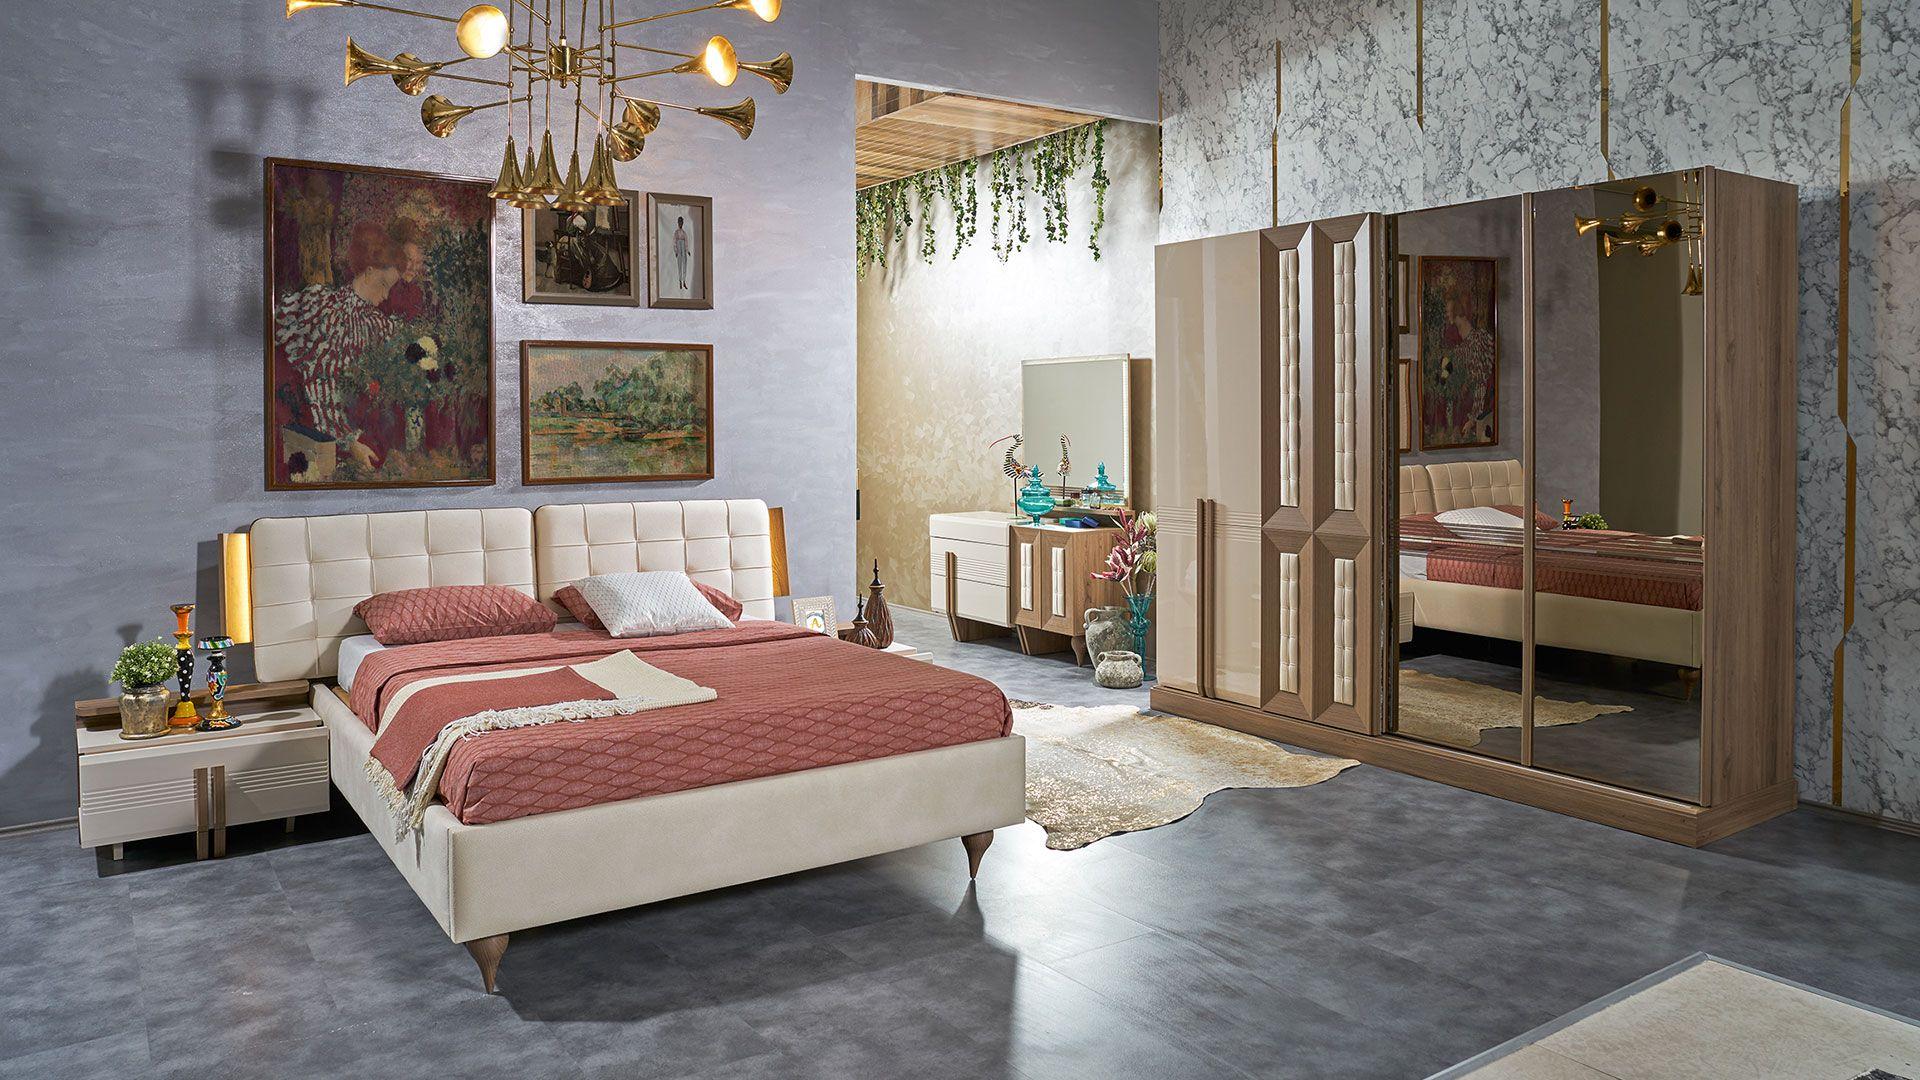 غرف النوم مودرن